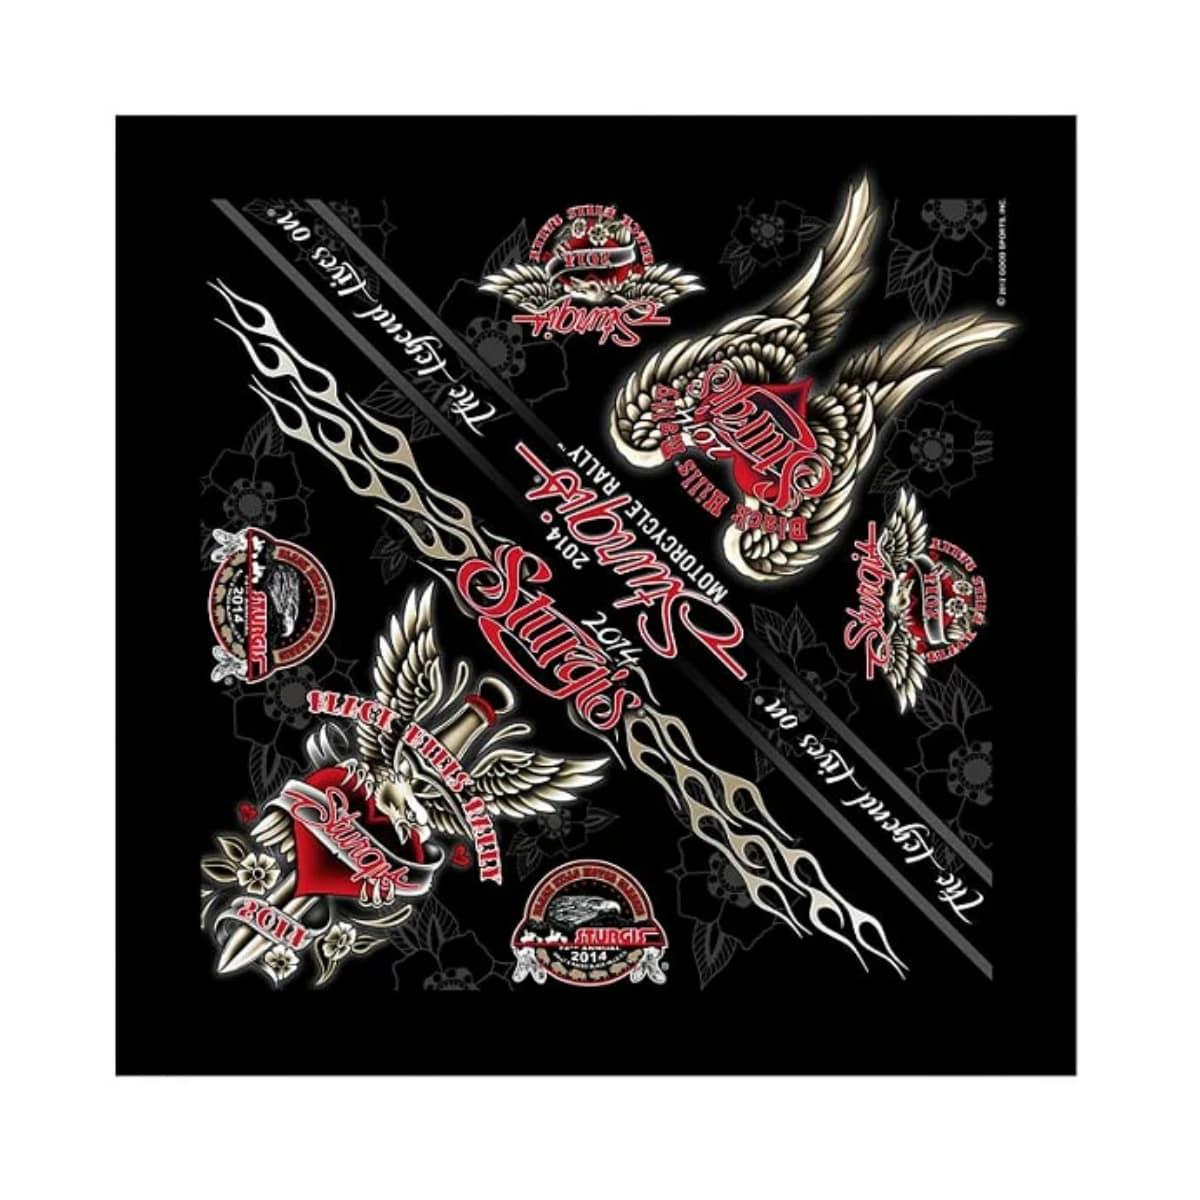 ハンカチ・ハンドタオル, バンダナ ! Sturgis Motorcycle Rally Official 2014 Dagger Heart Bandana ! ! ! !